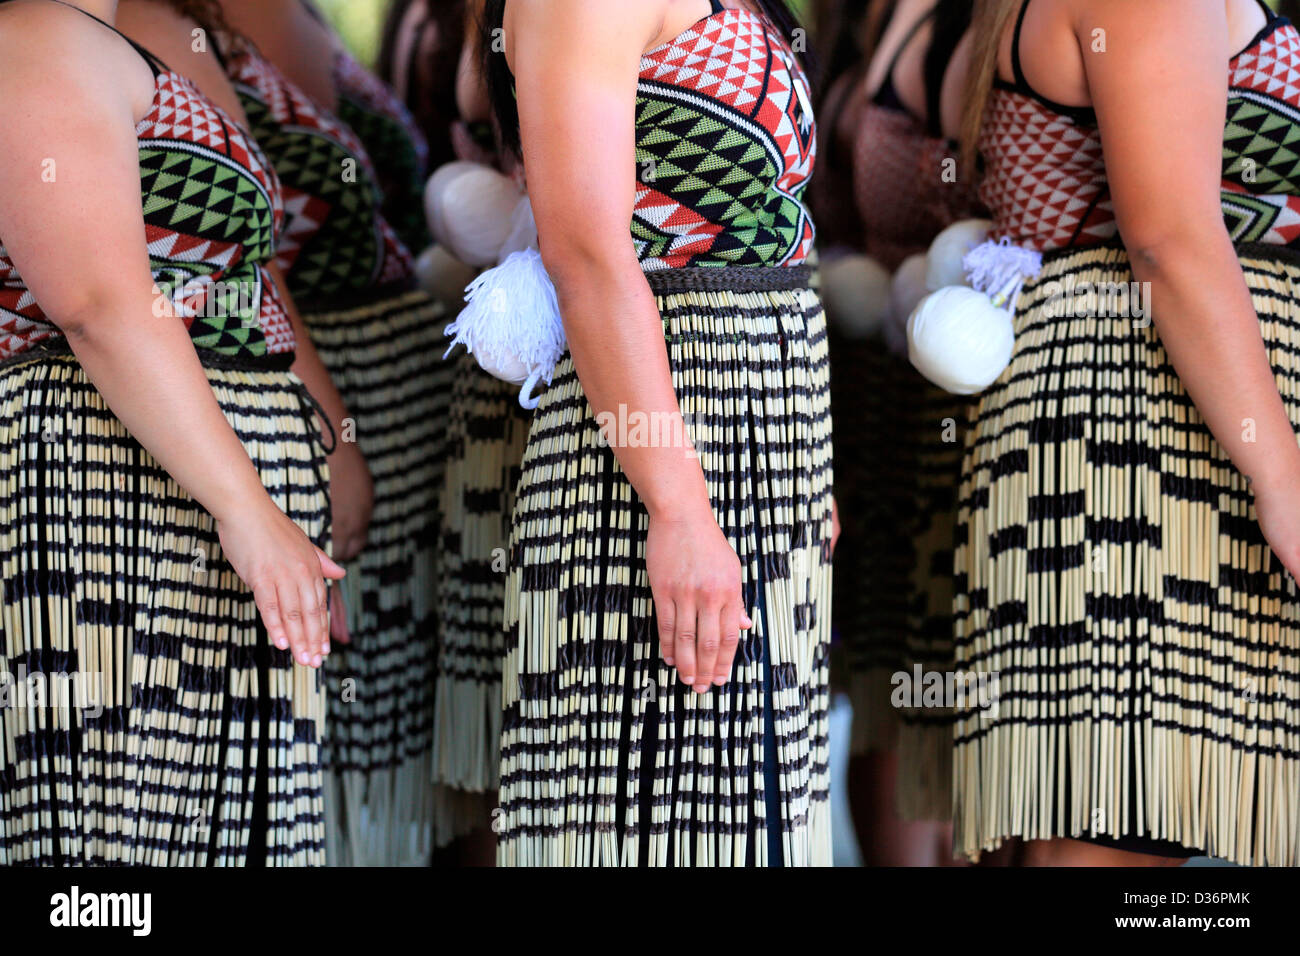 Female Kapa Haka group at the Waitangi Treaty Grounds during Waitangi Day celebrations. - Stock Image